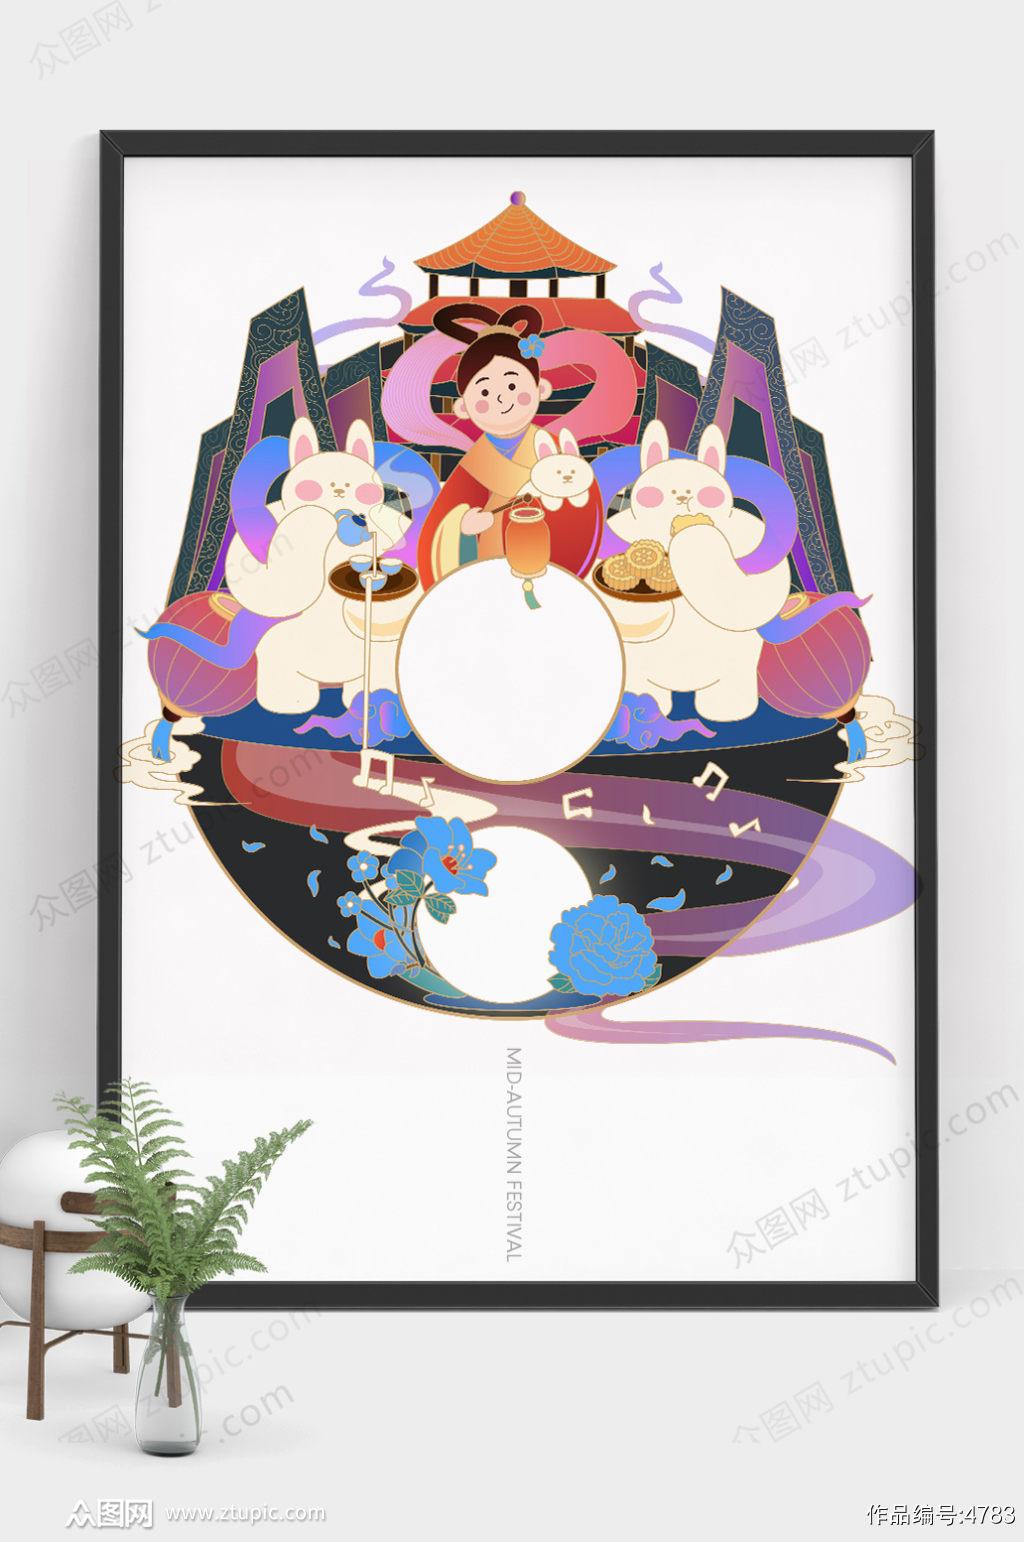 原创大气中秋节商业插画设计素材